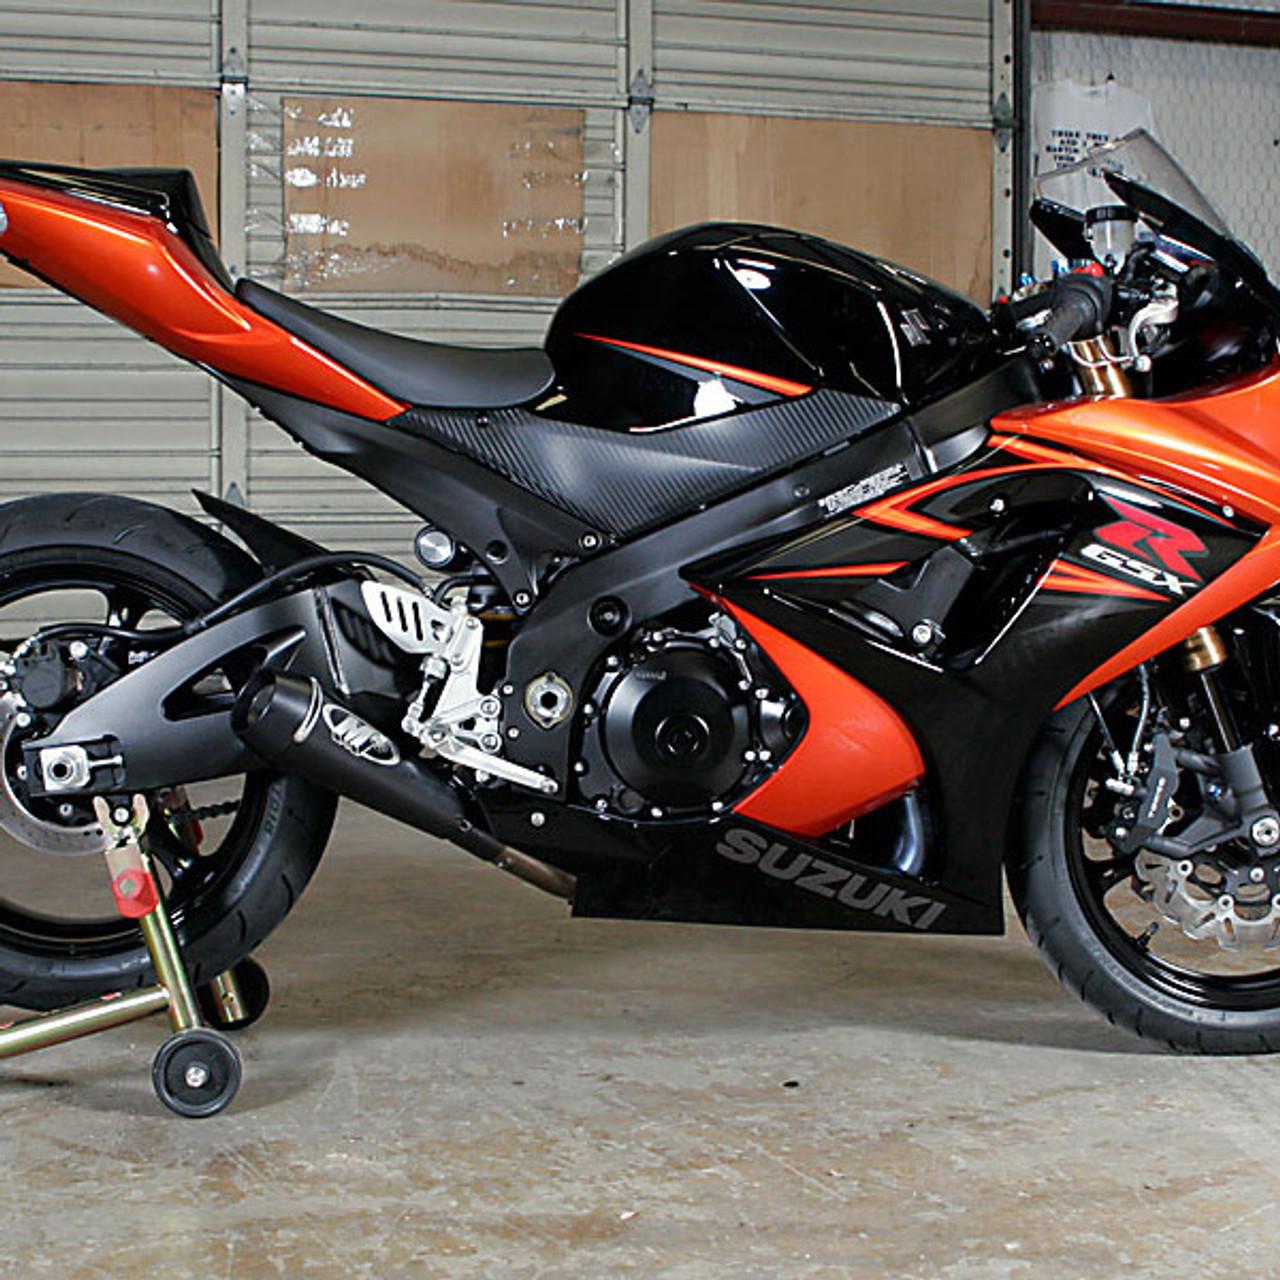 m4 suzuki gsx r1000 07 08 gp mount slip on exhaust